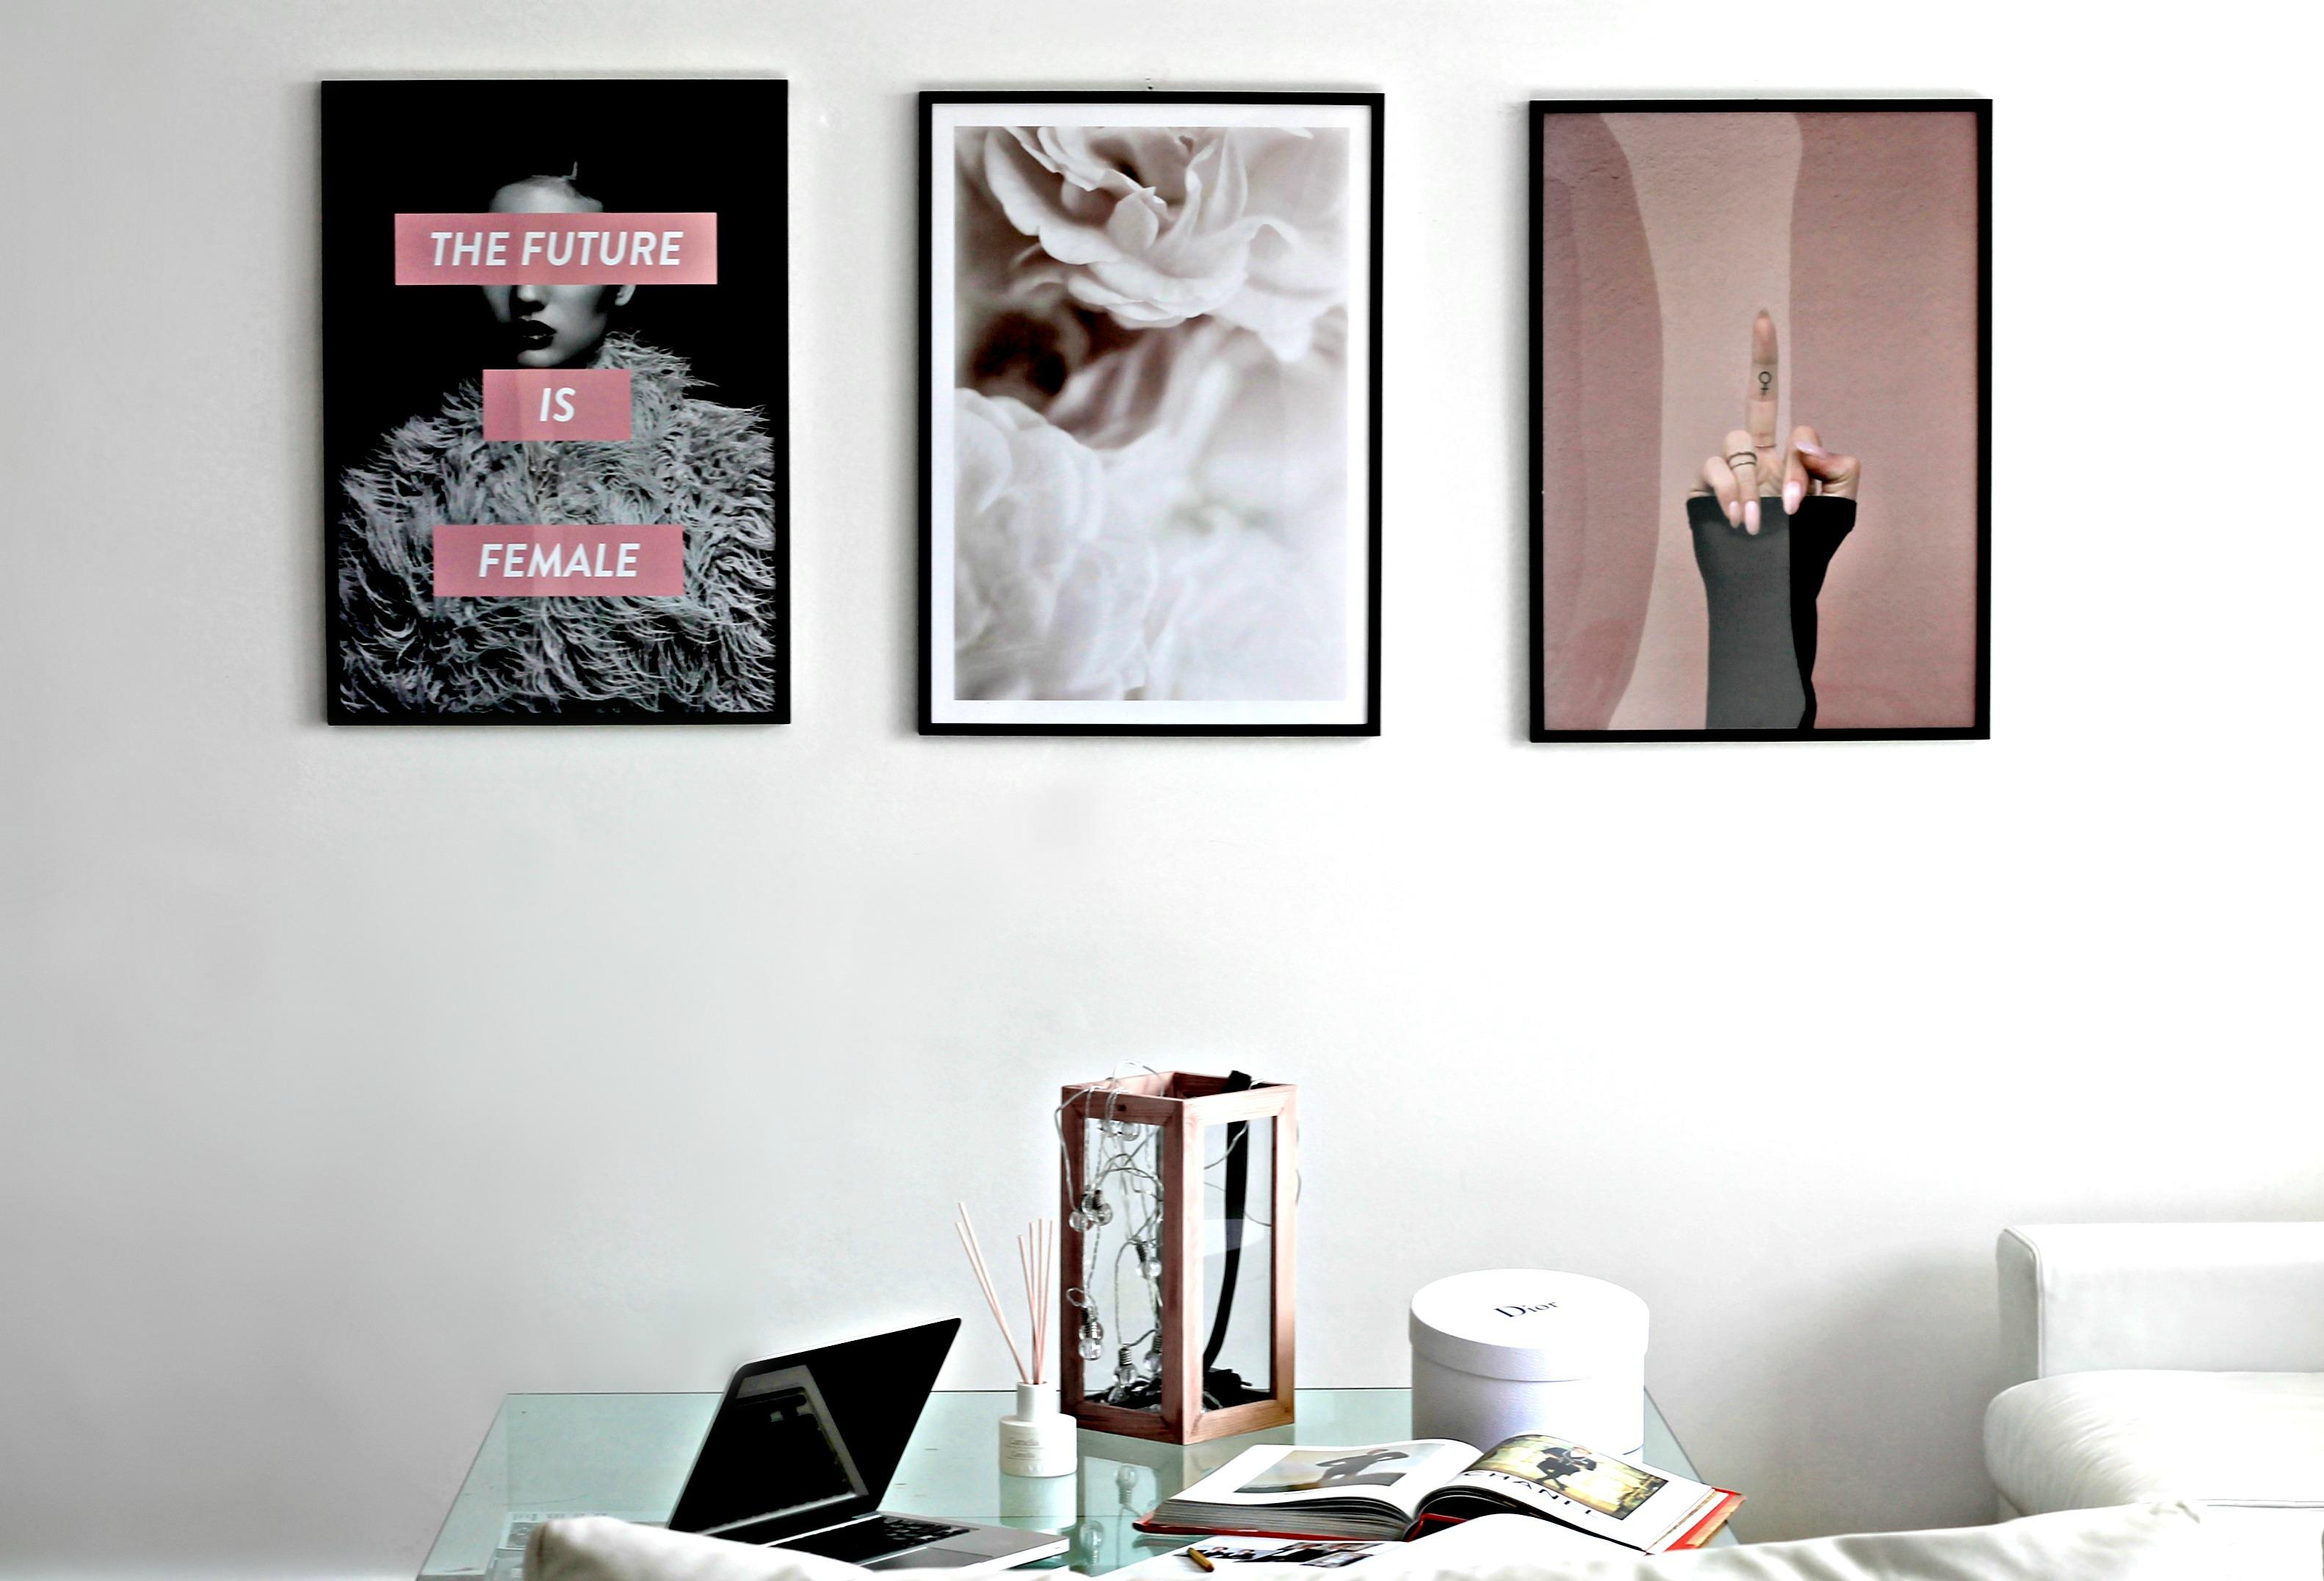 Credenza Da Parete : Poster da parete per un ambiente in stile nordico e chic